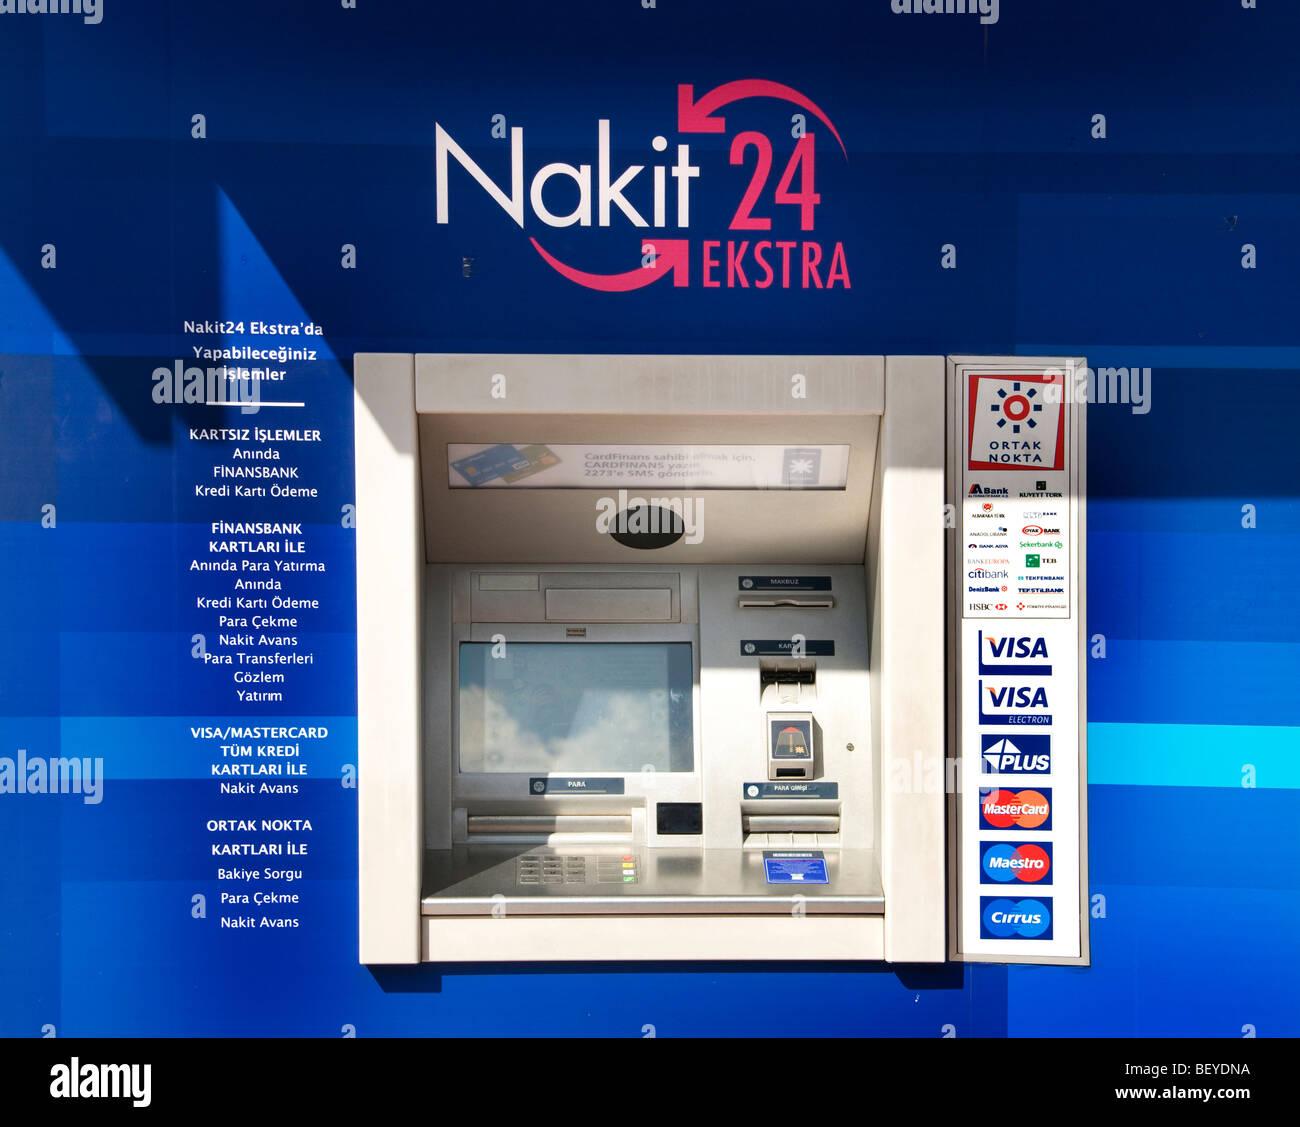 Estambul TURQUÍA máquina para tarjetas de crédito en efectivo del Banco Garanti HSB Akbank Imagen De Stock